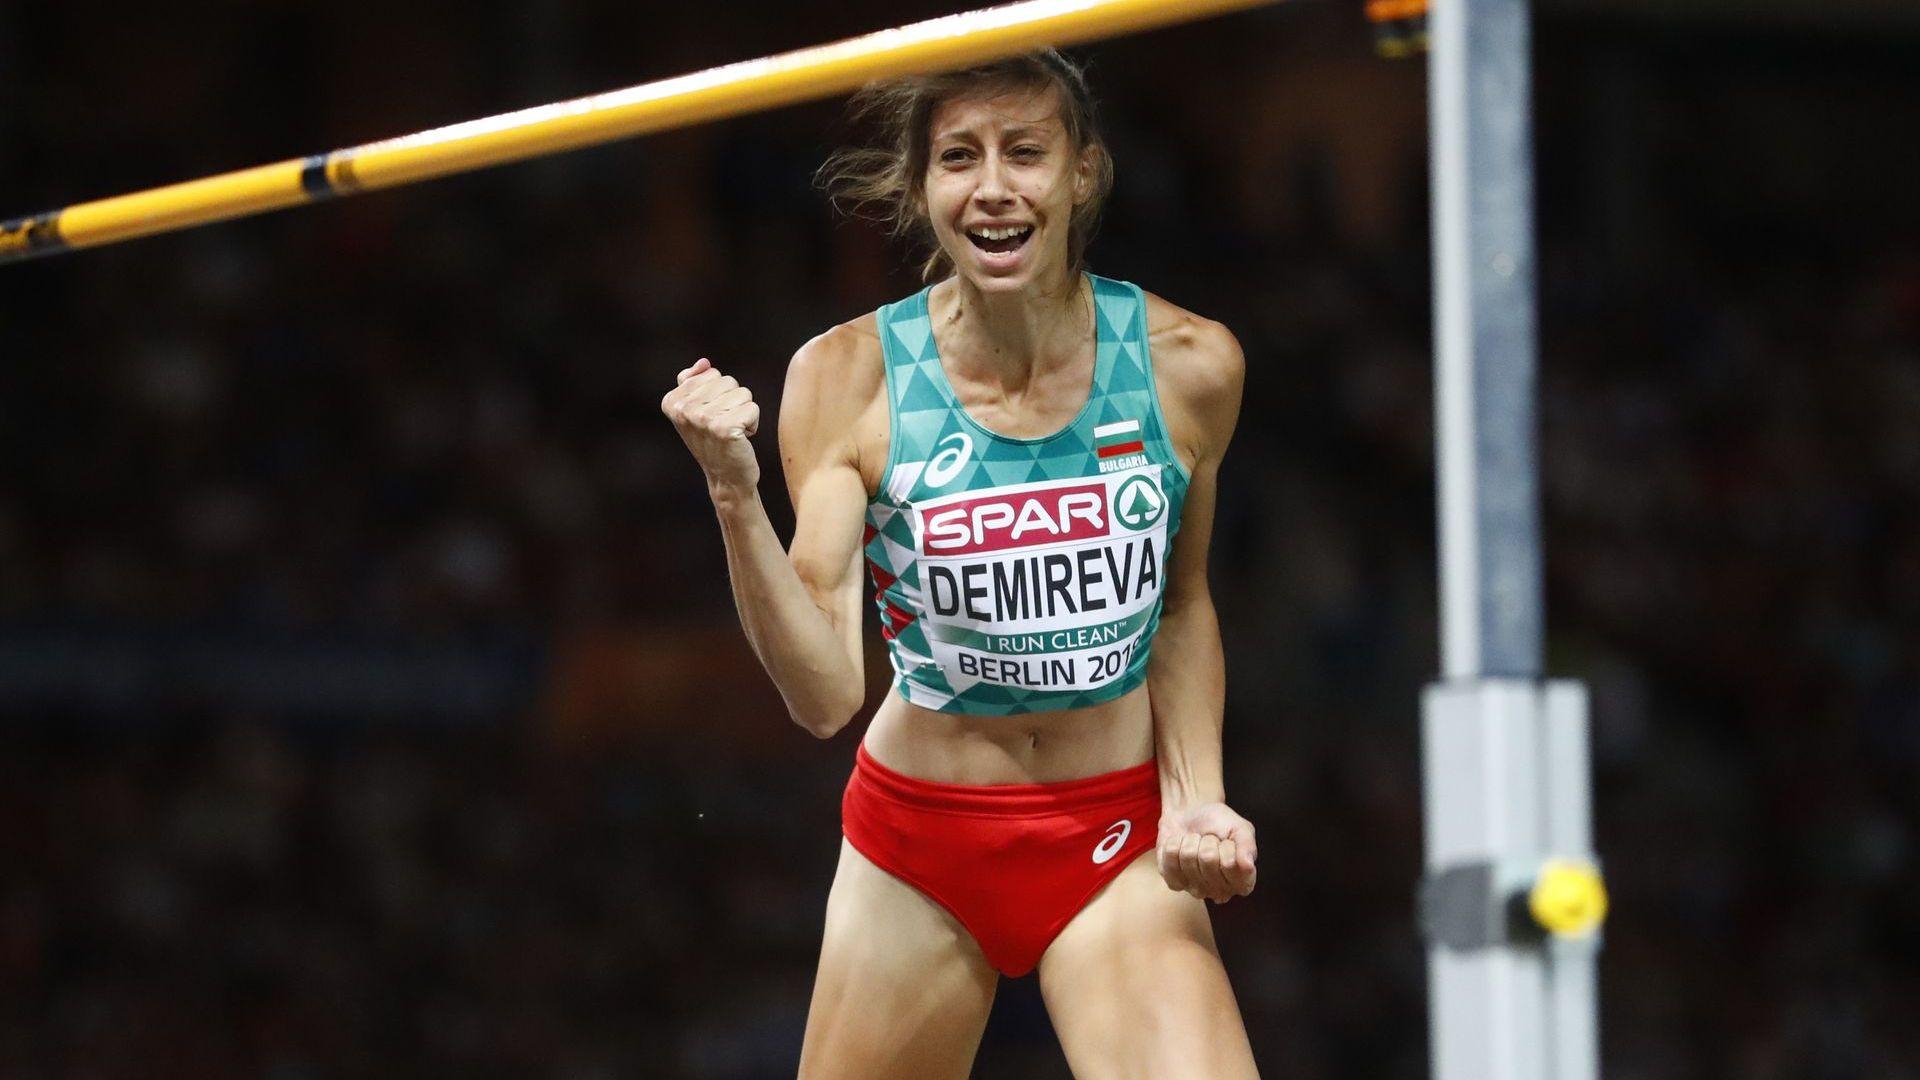 Сребърната Мирела: Исках златото, но медалът си е медал